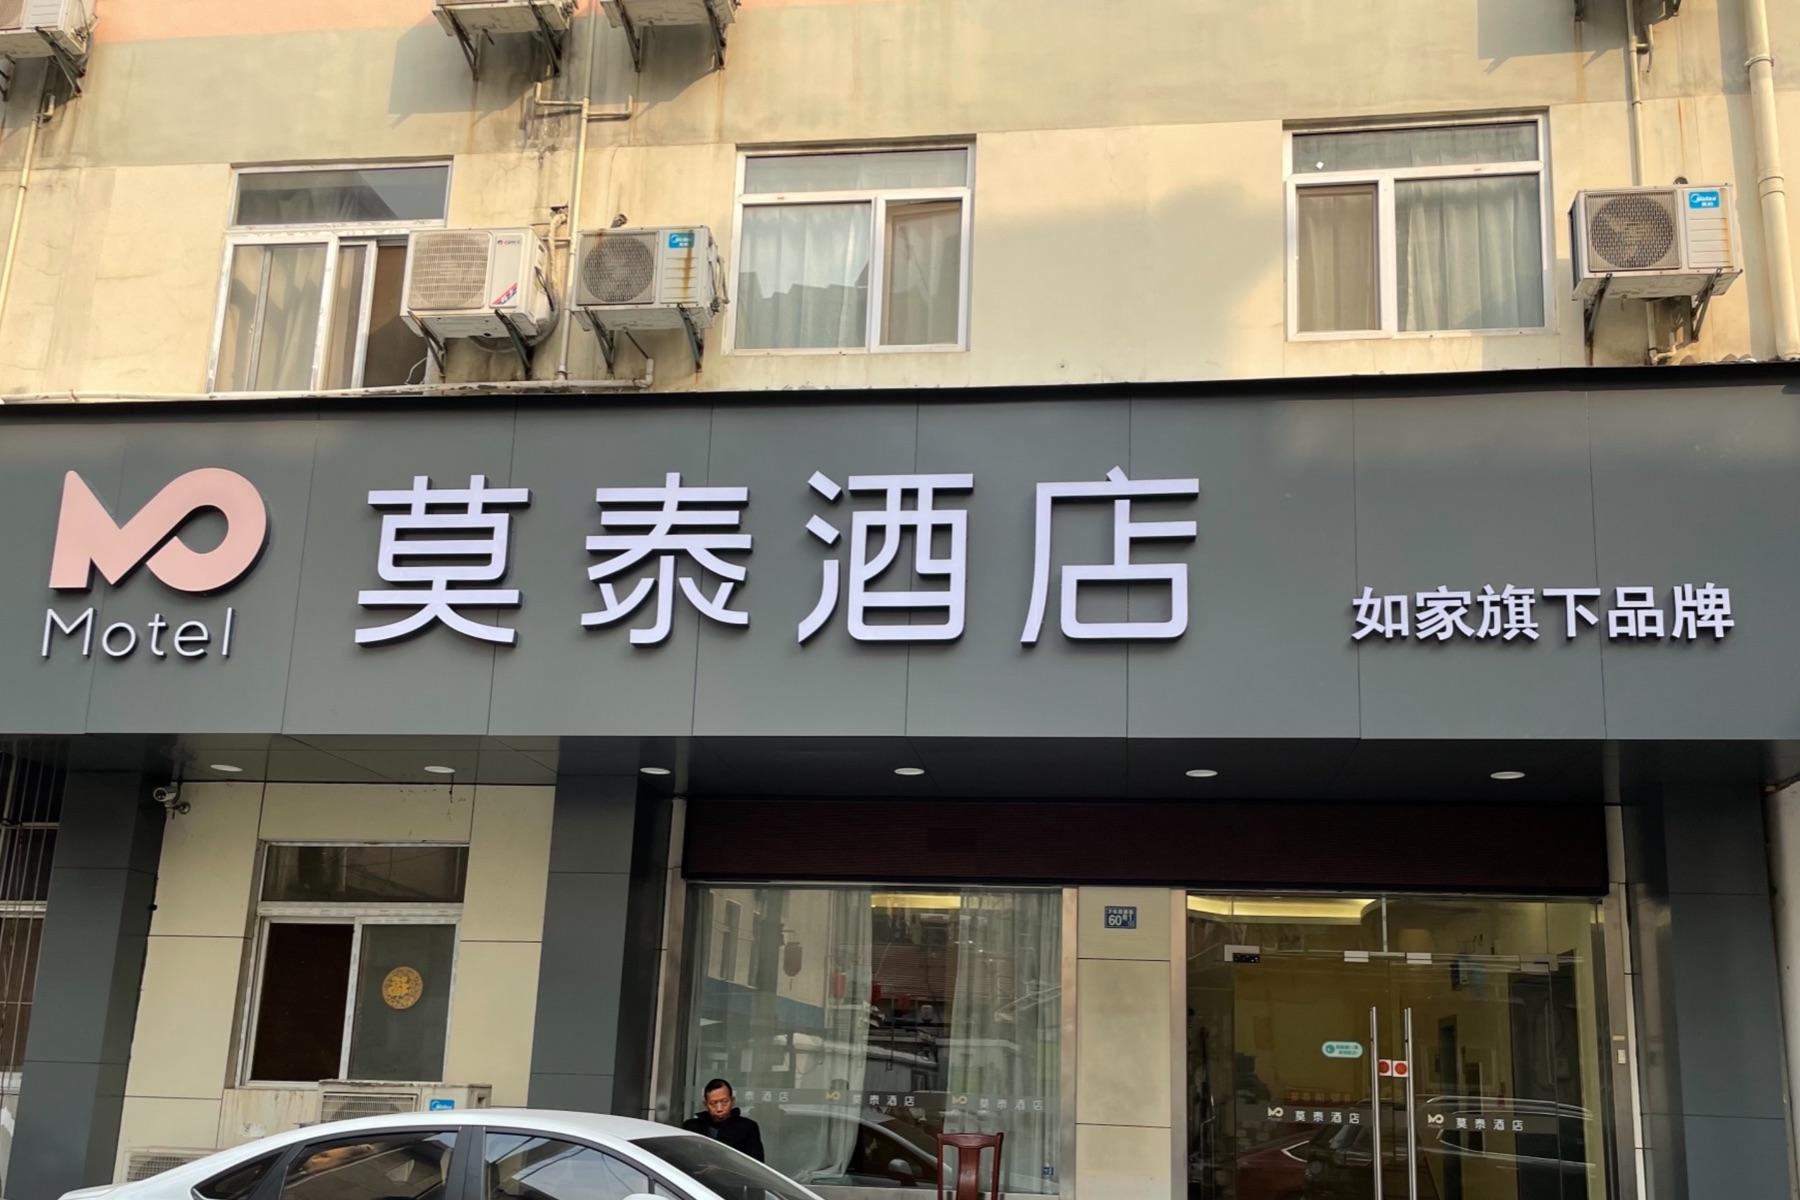 莫泰酒店-武汉同济医院青年路地铁站店(内宾)